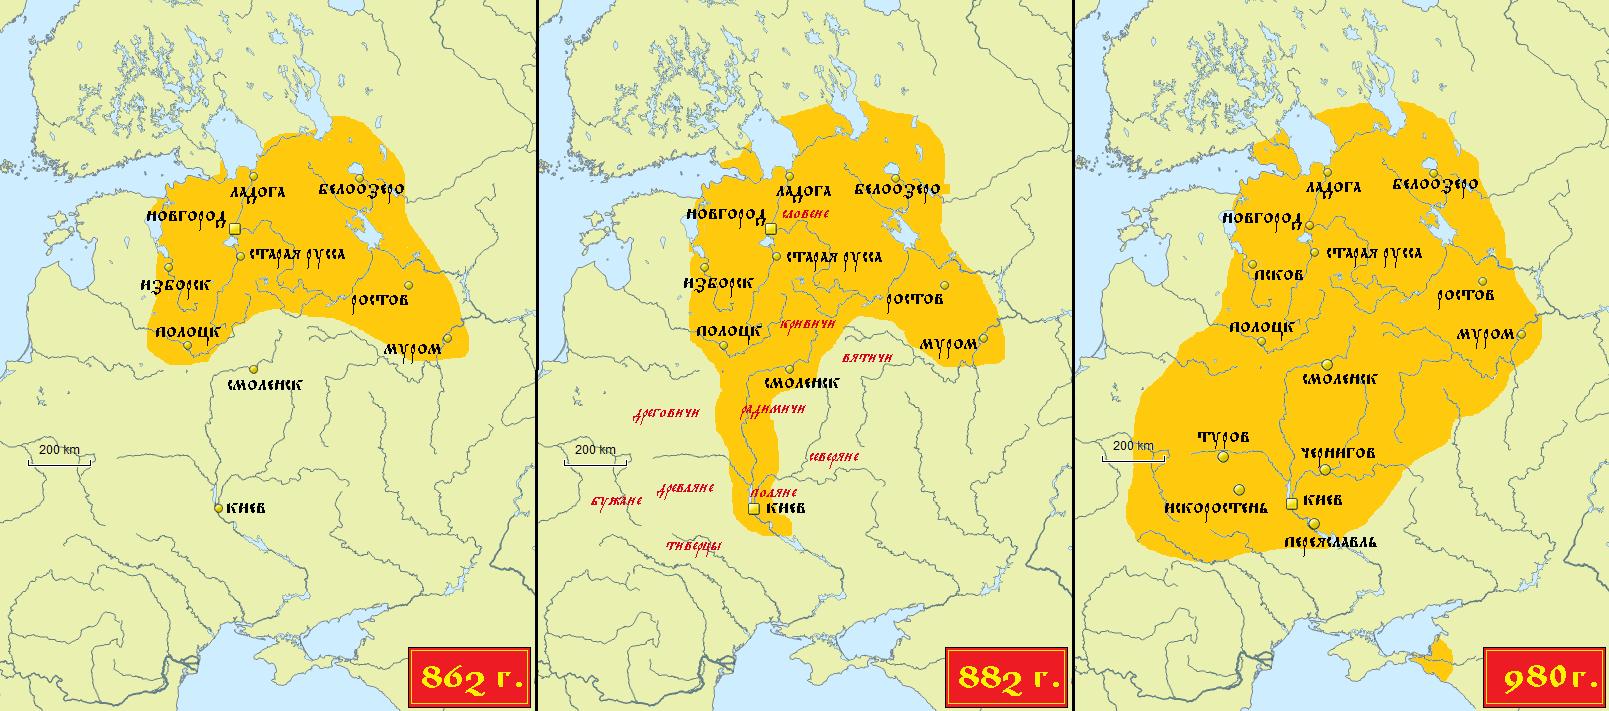 Расширение территории Руси, по мнению российского сегмента Википедии [5]